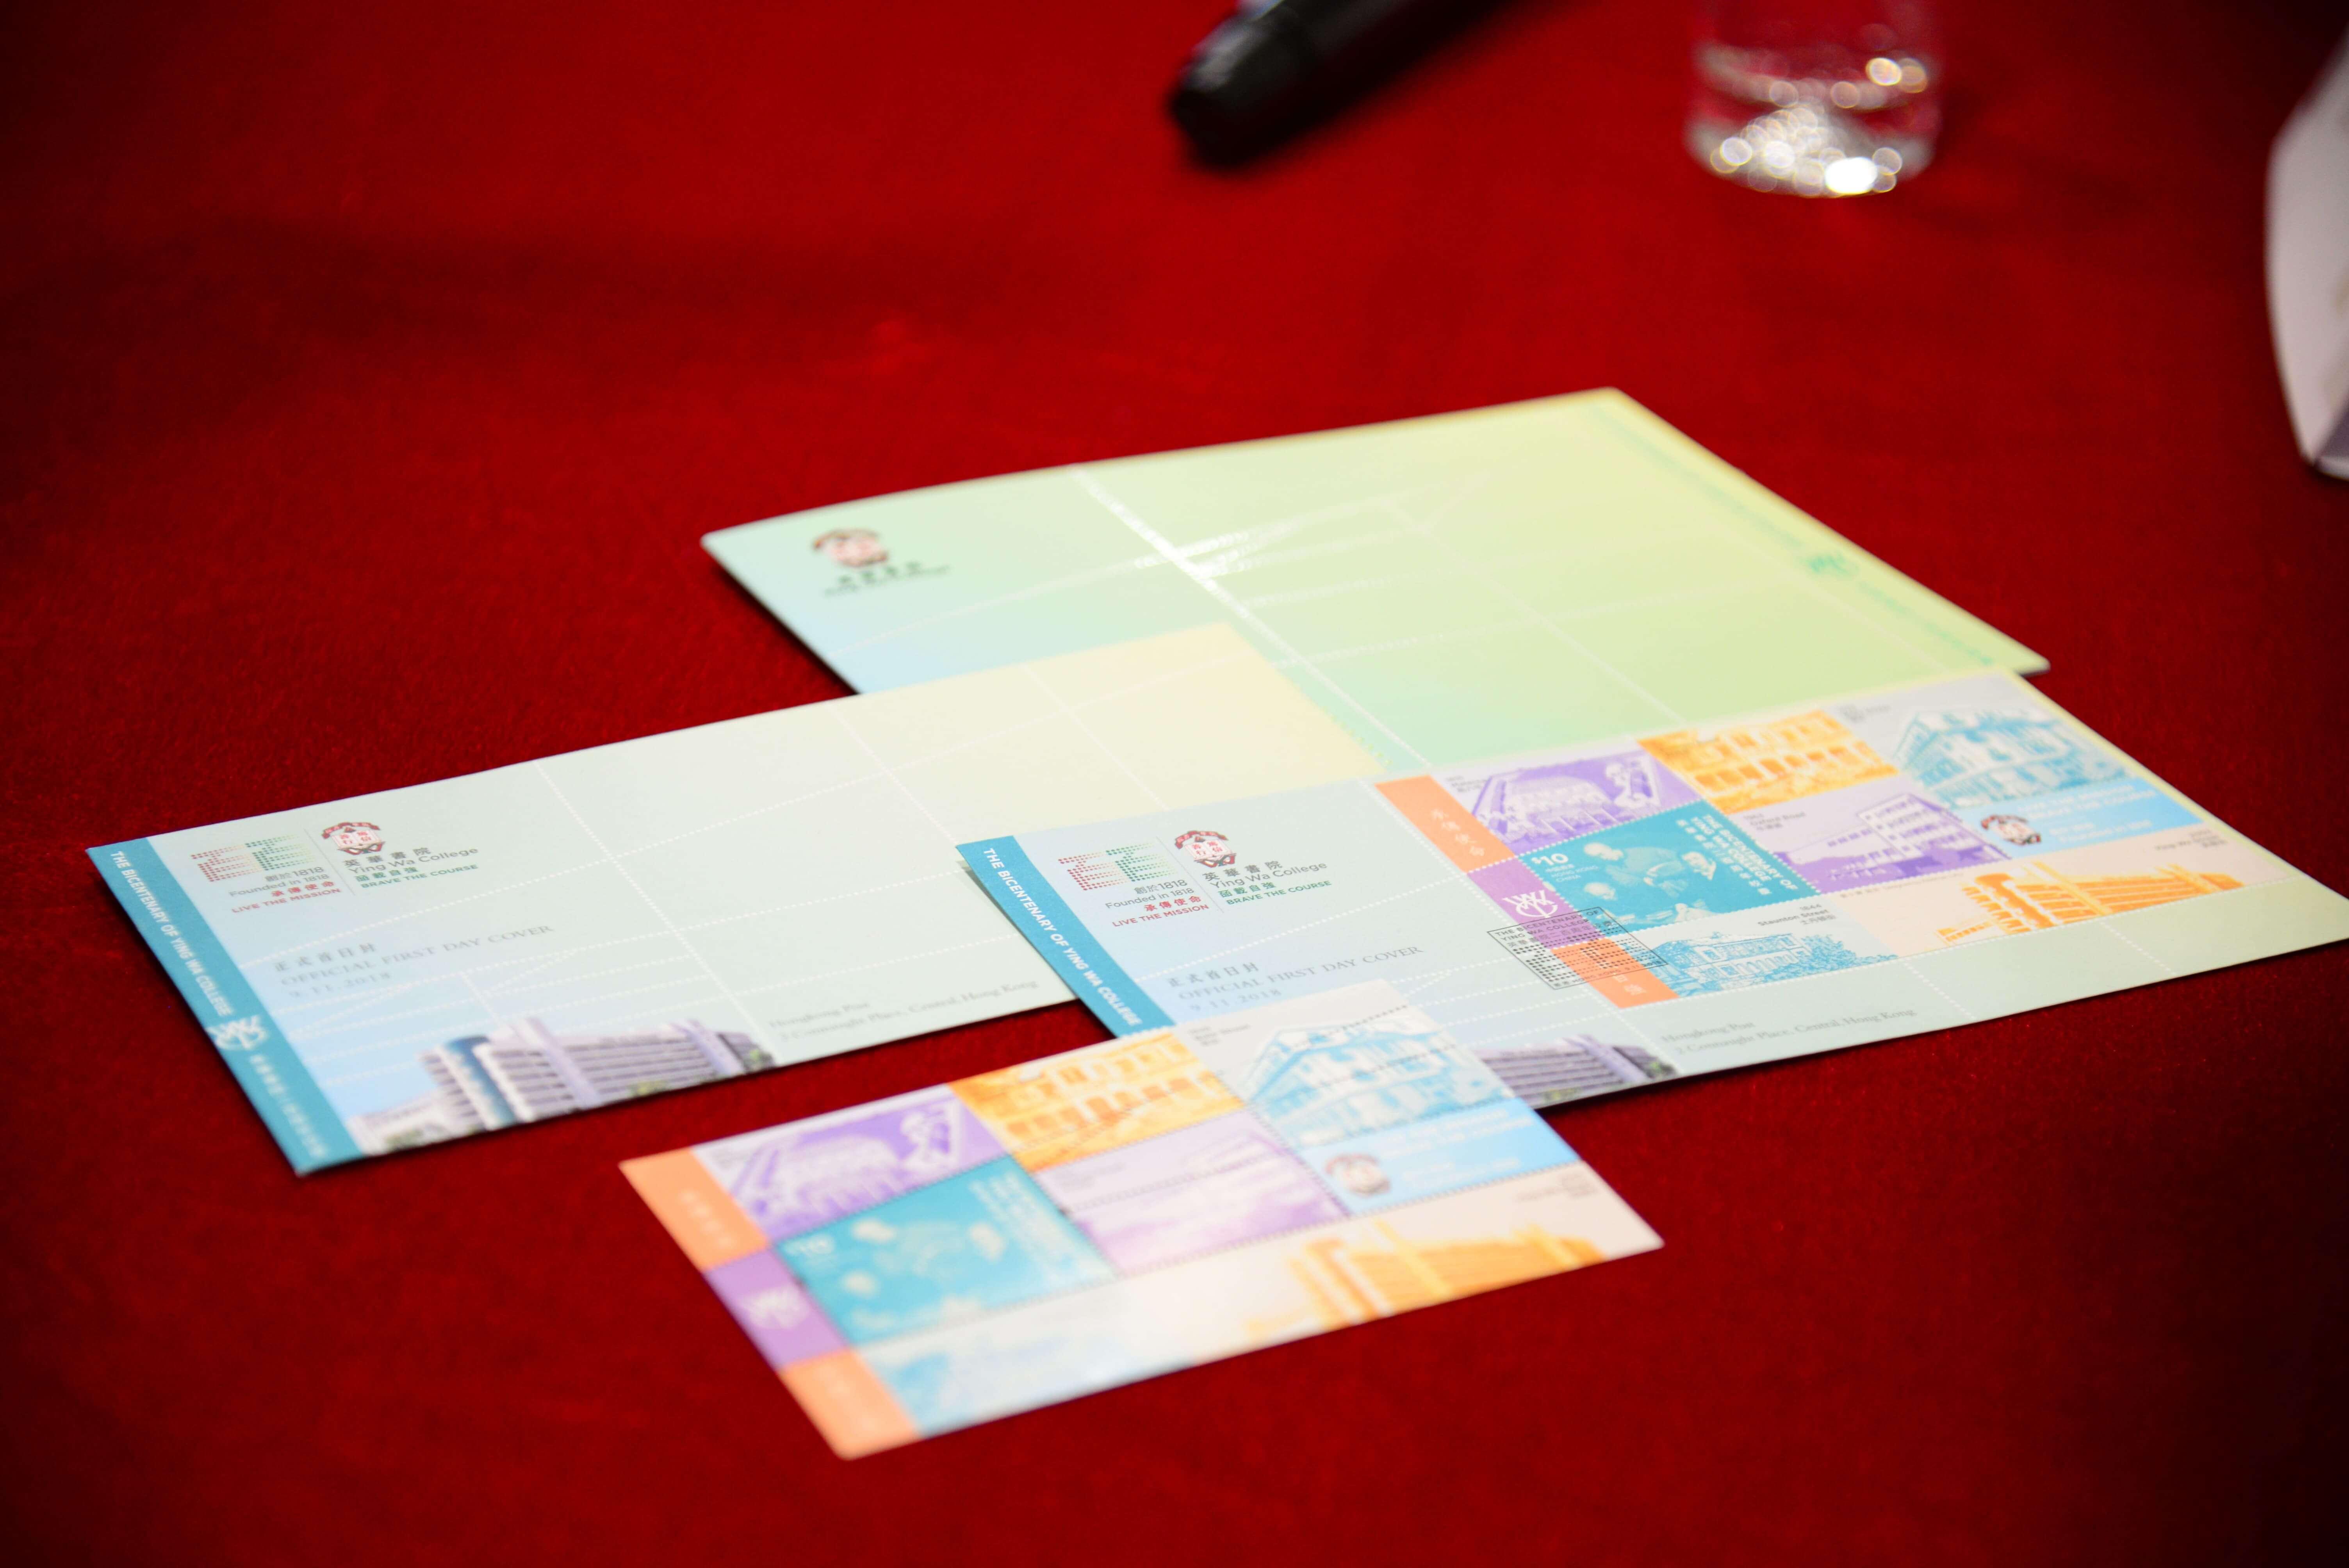 劉小康以「承傳使命 皕載自強」為題, 為母校設計二百周年郵票,展示書院創辦人馬禮遜牧師及書院不同時期的校舍。(受訪者提供)